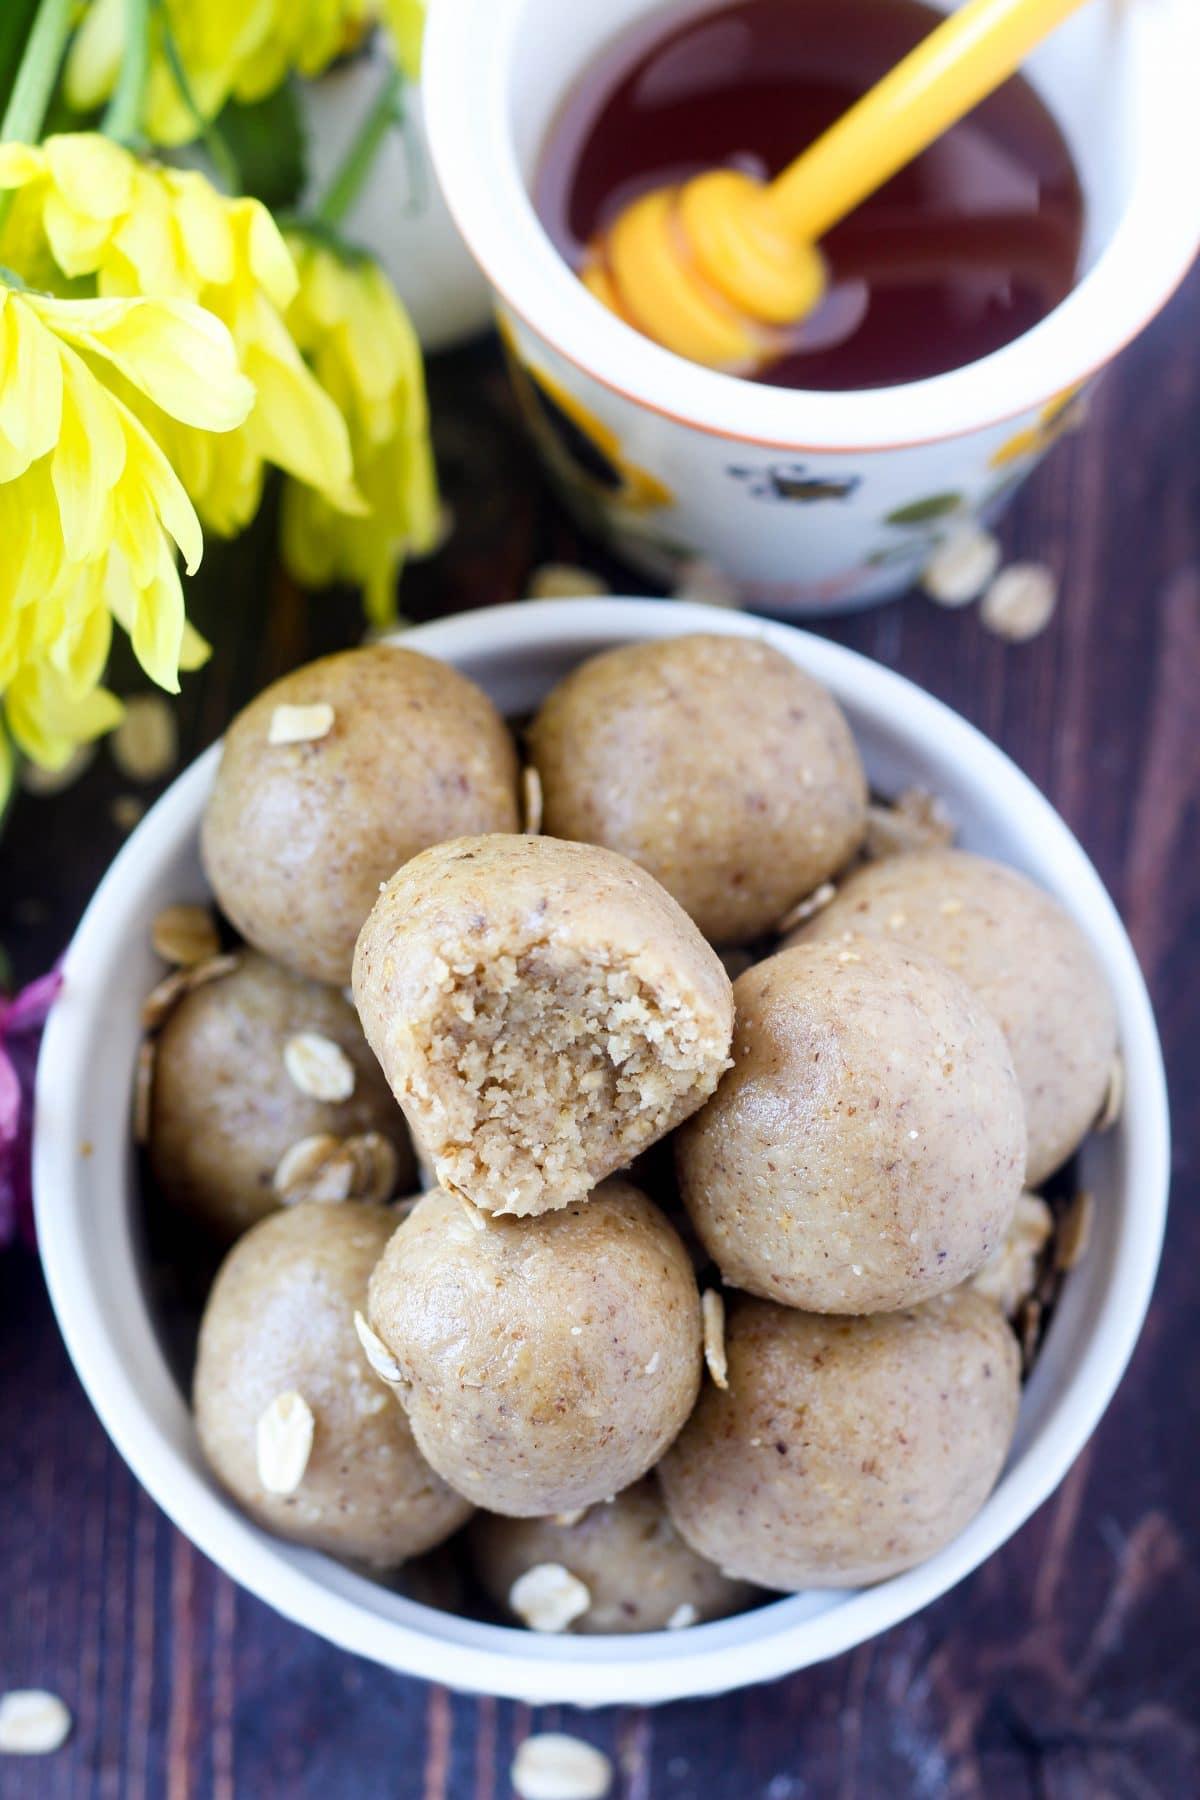 walnut-protein-balls-image